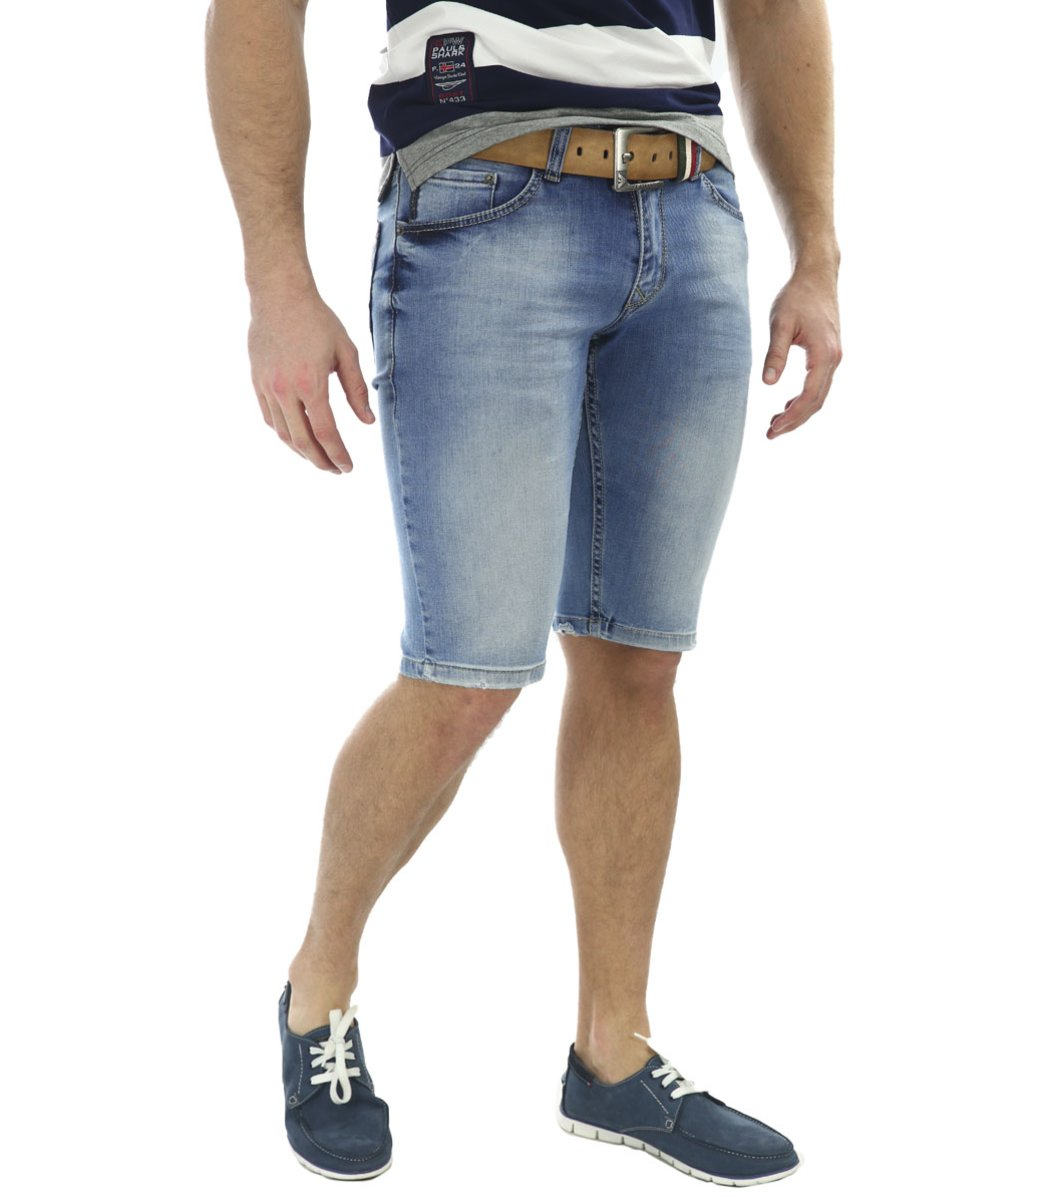 Джинсовые шорты Giorgio Armani+ремень